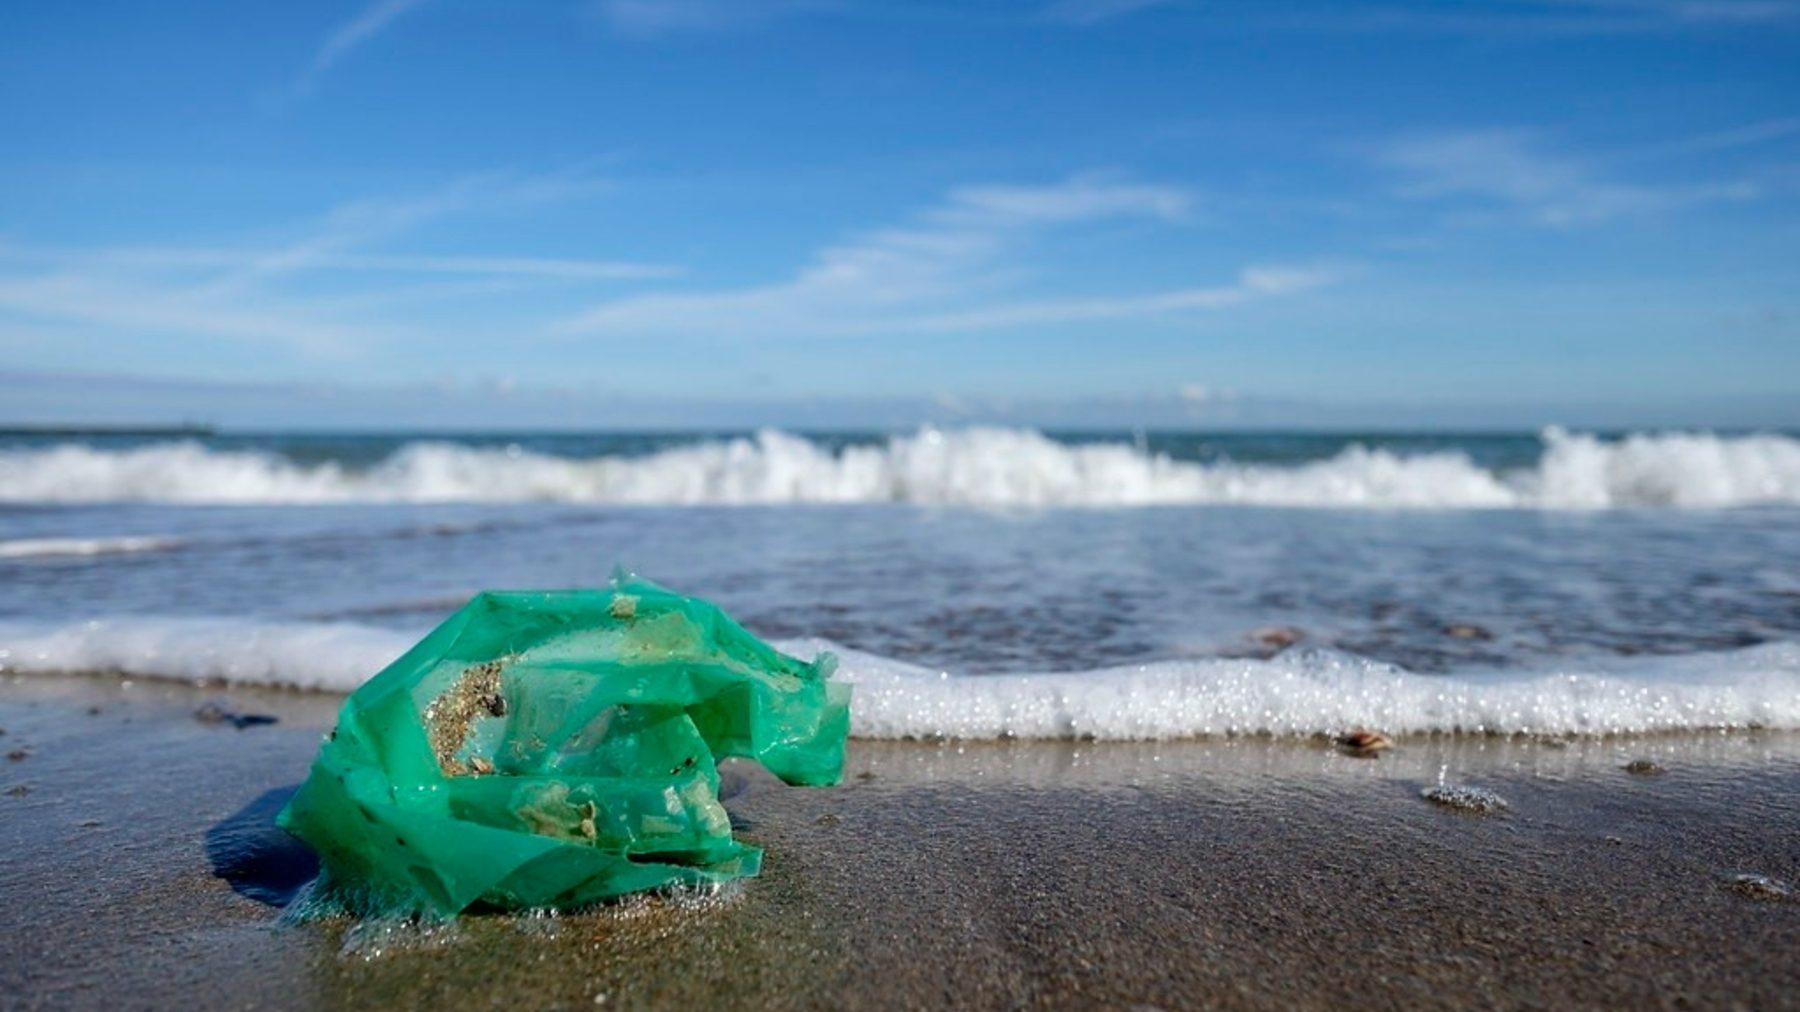 Bolsa de plástico en la orilla de una playa (WOUTER DE BRUIJN).